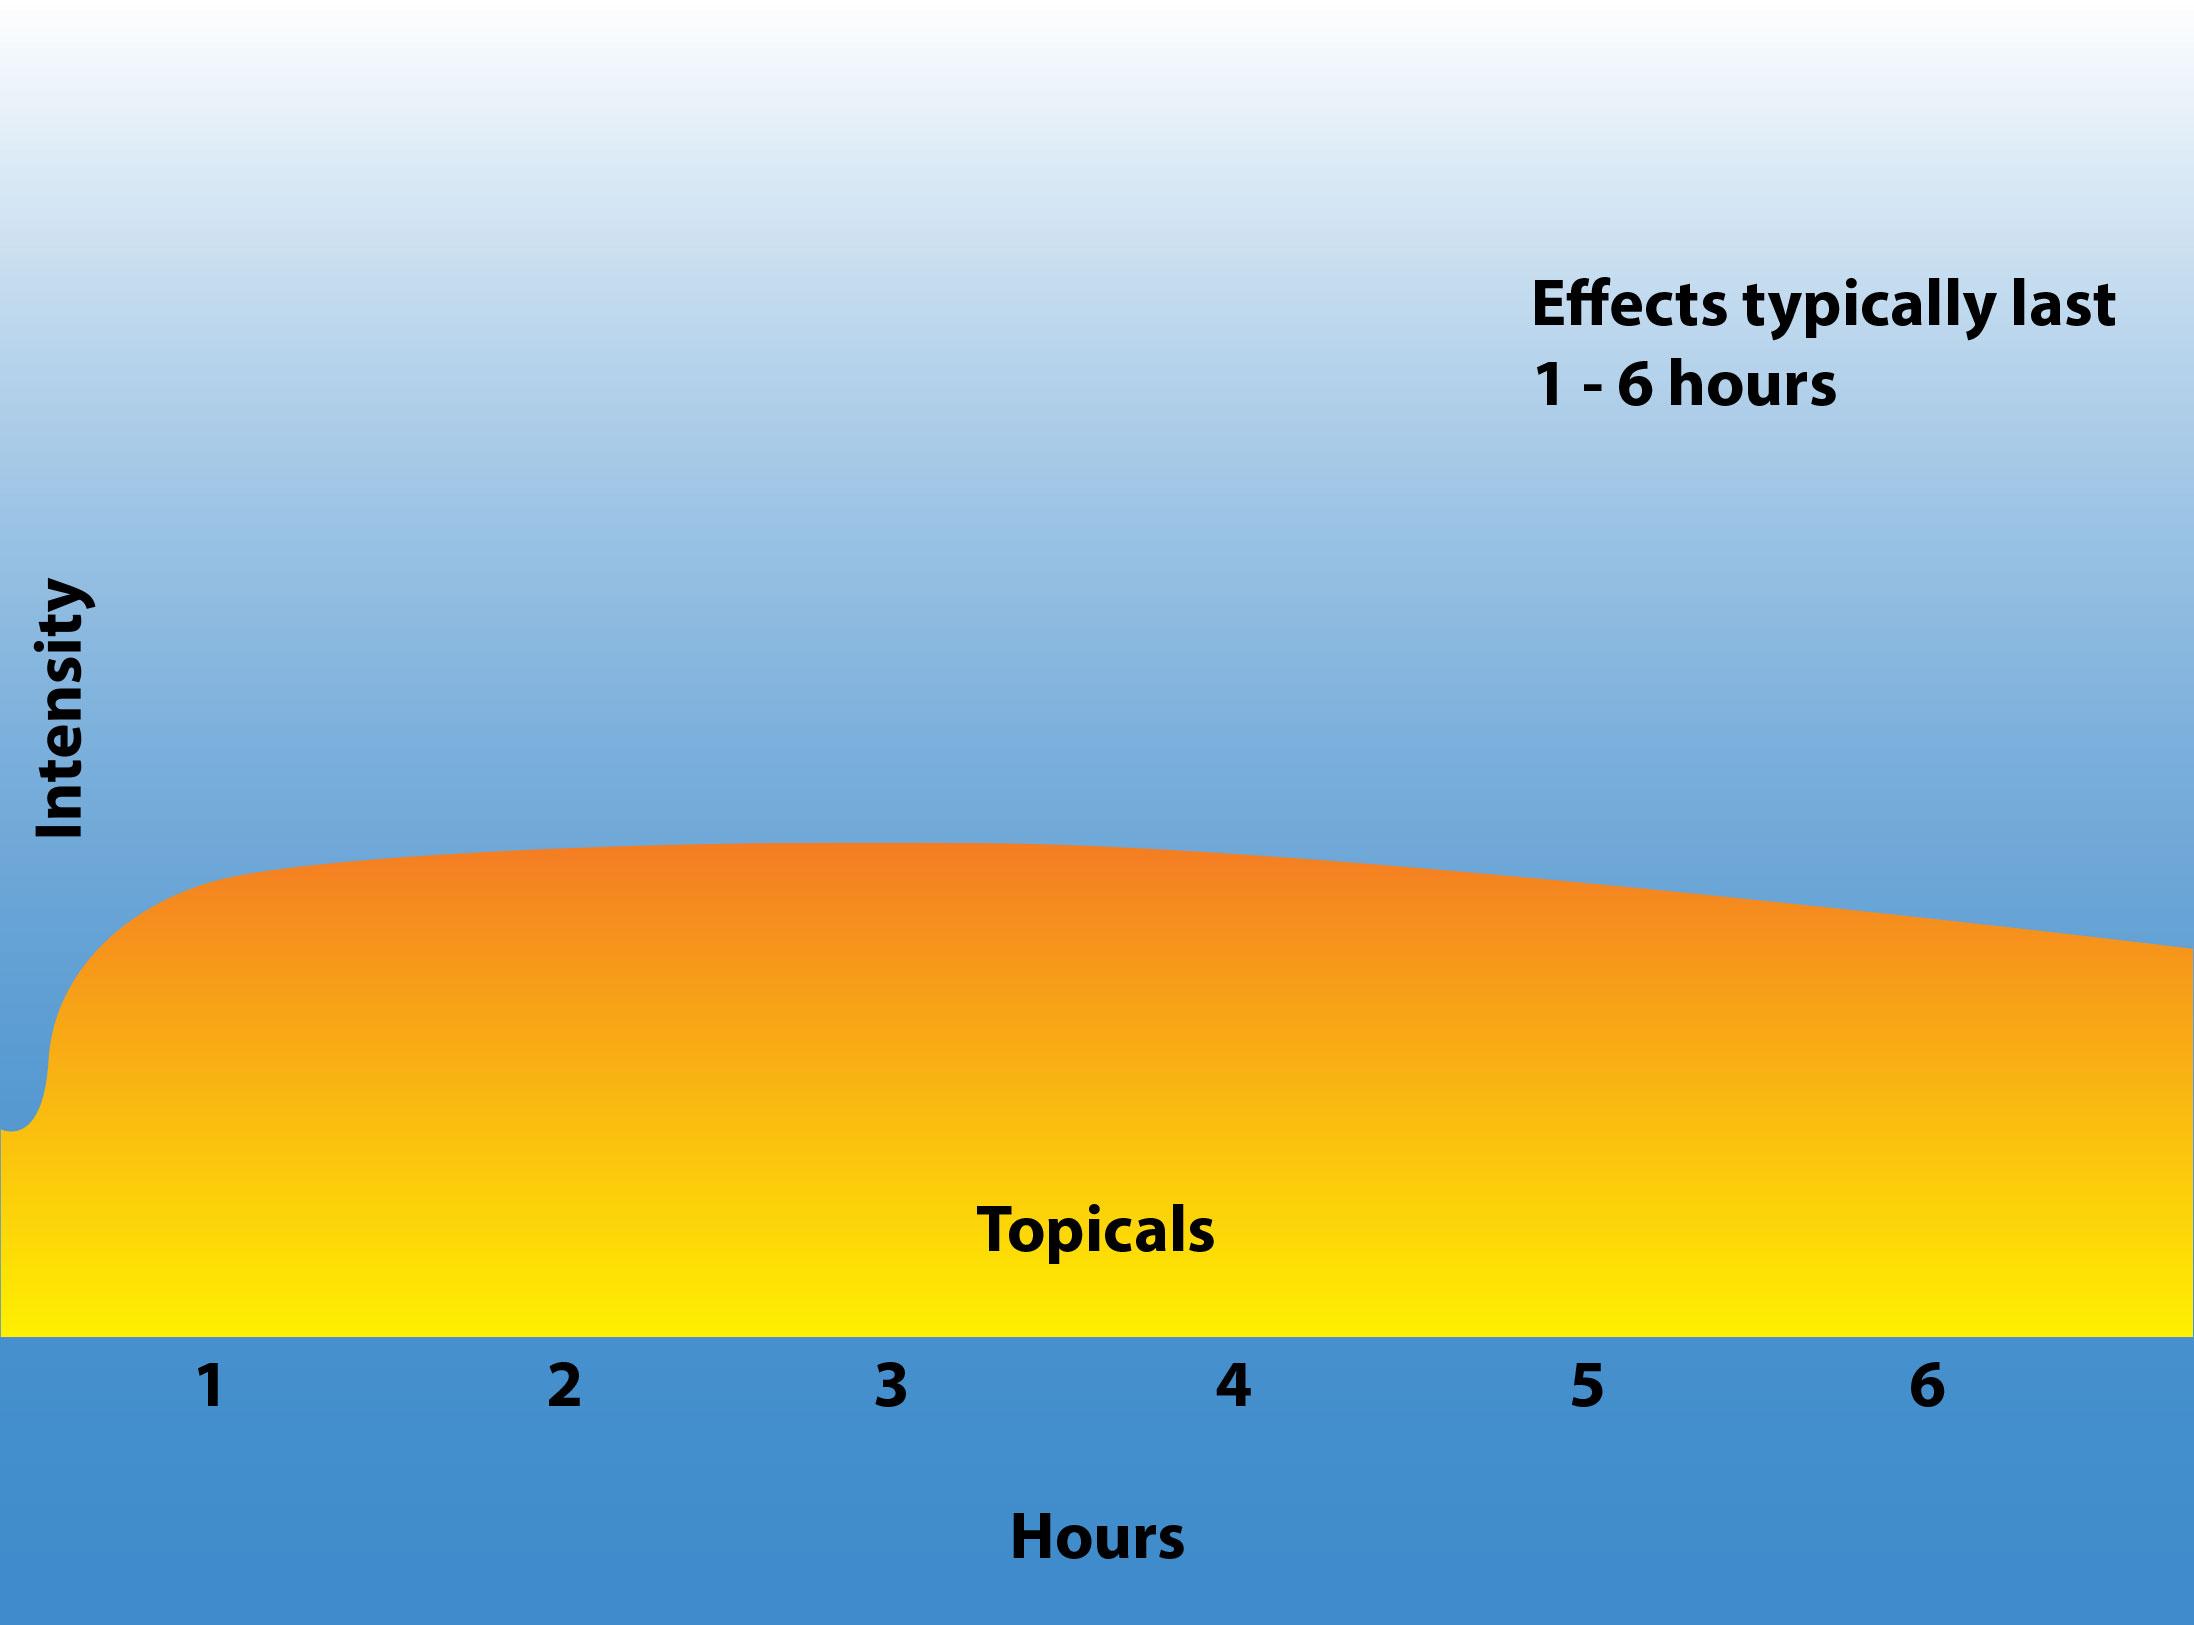 Marijuana topicals duration of effect